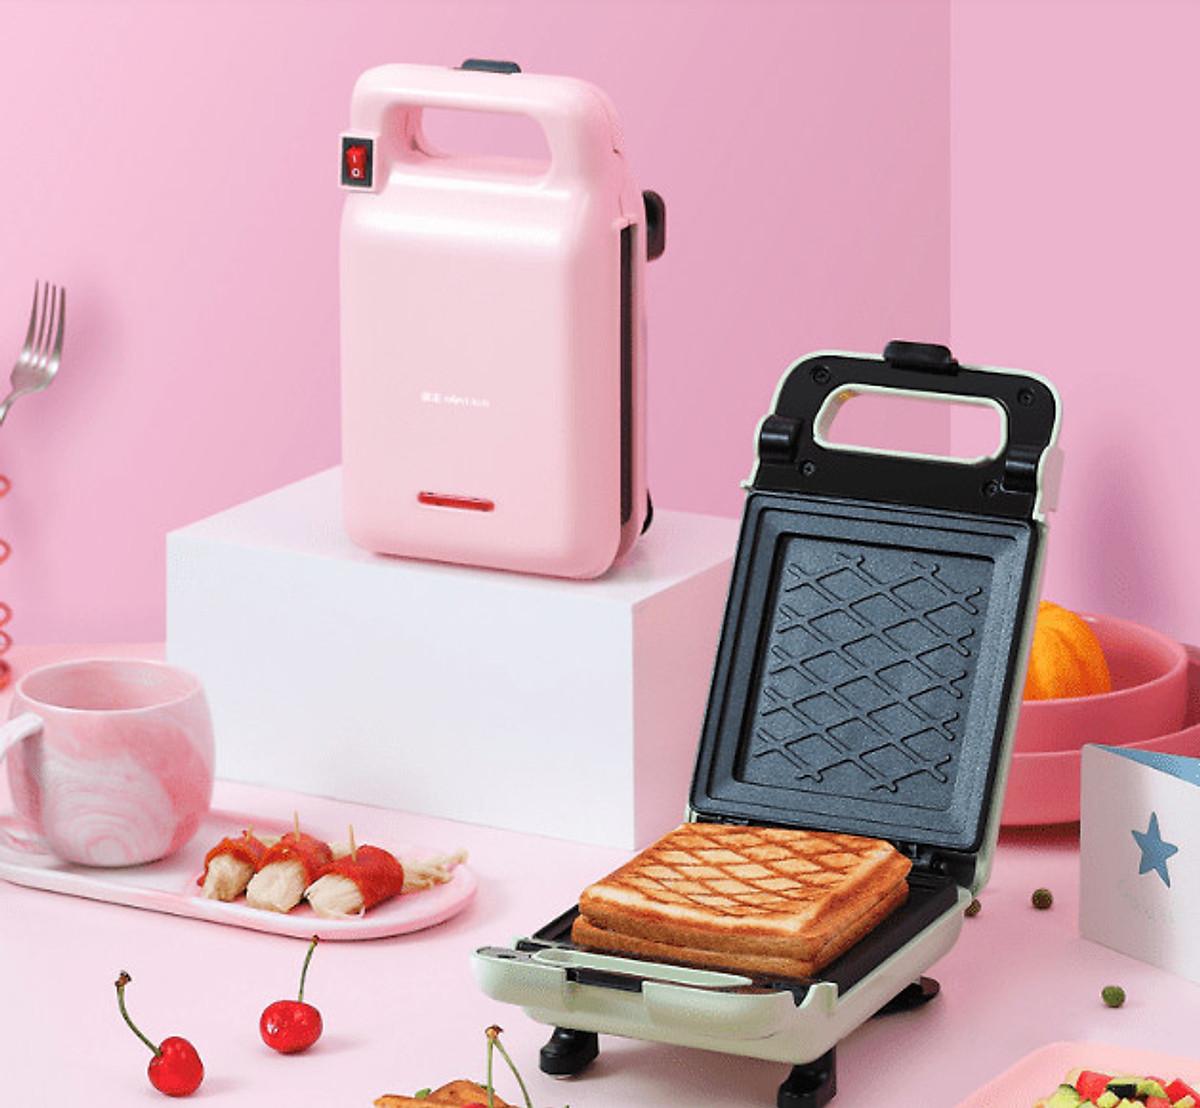 """Muốn xỉu"""" với máy làm bánh mini Kakao Friends, nhưng xót tiền thì chị em có nhiều lựa chọn giá mềm hơn - Ảnh 11."""